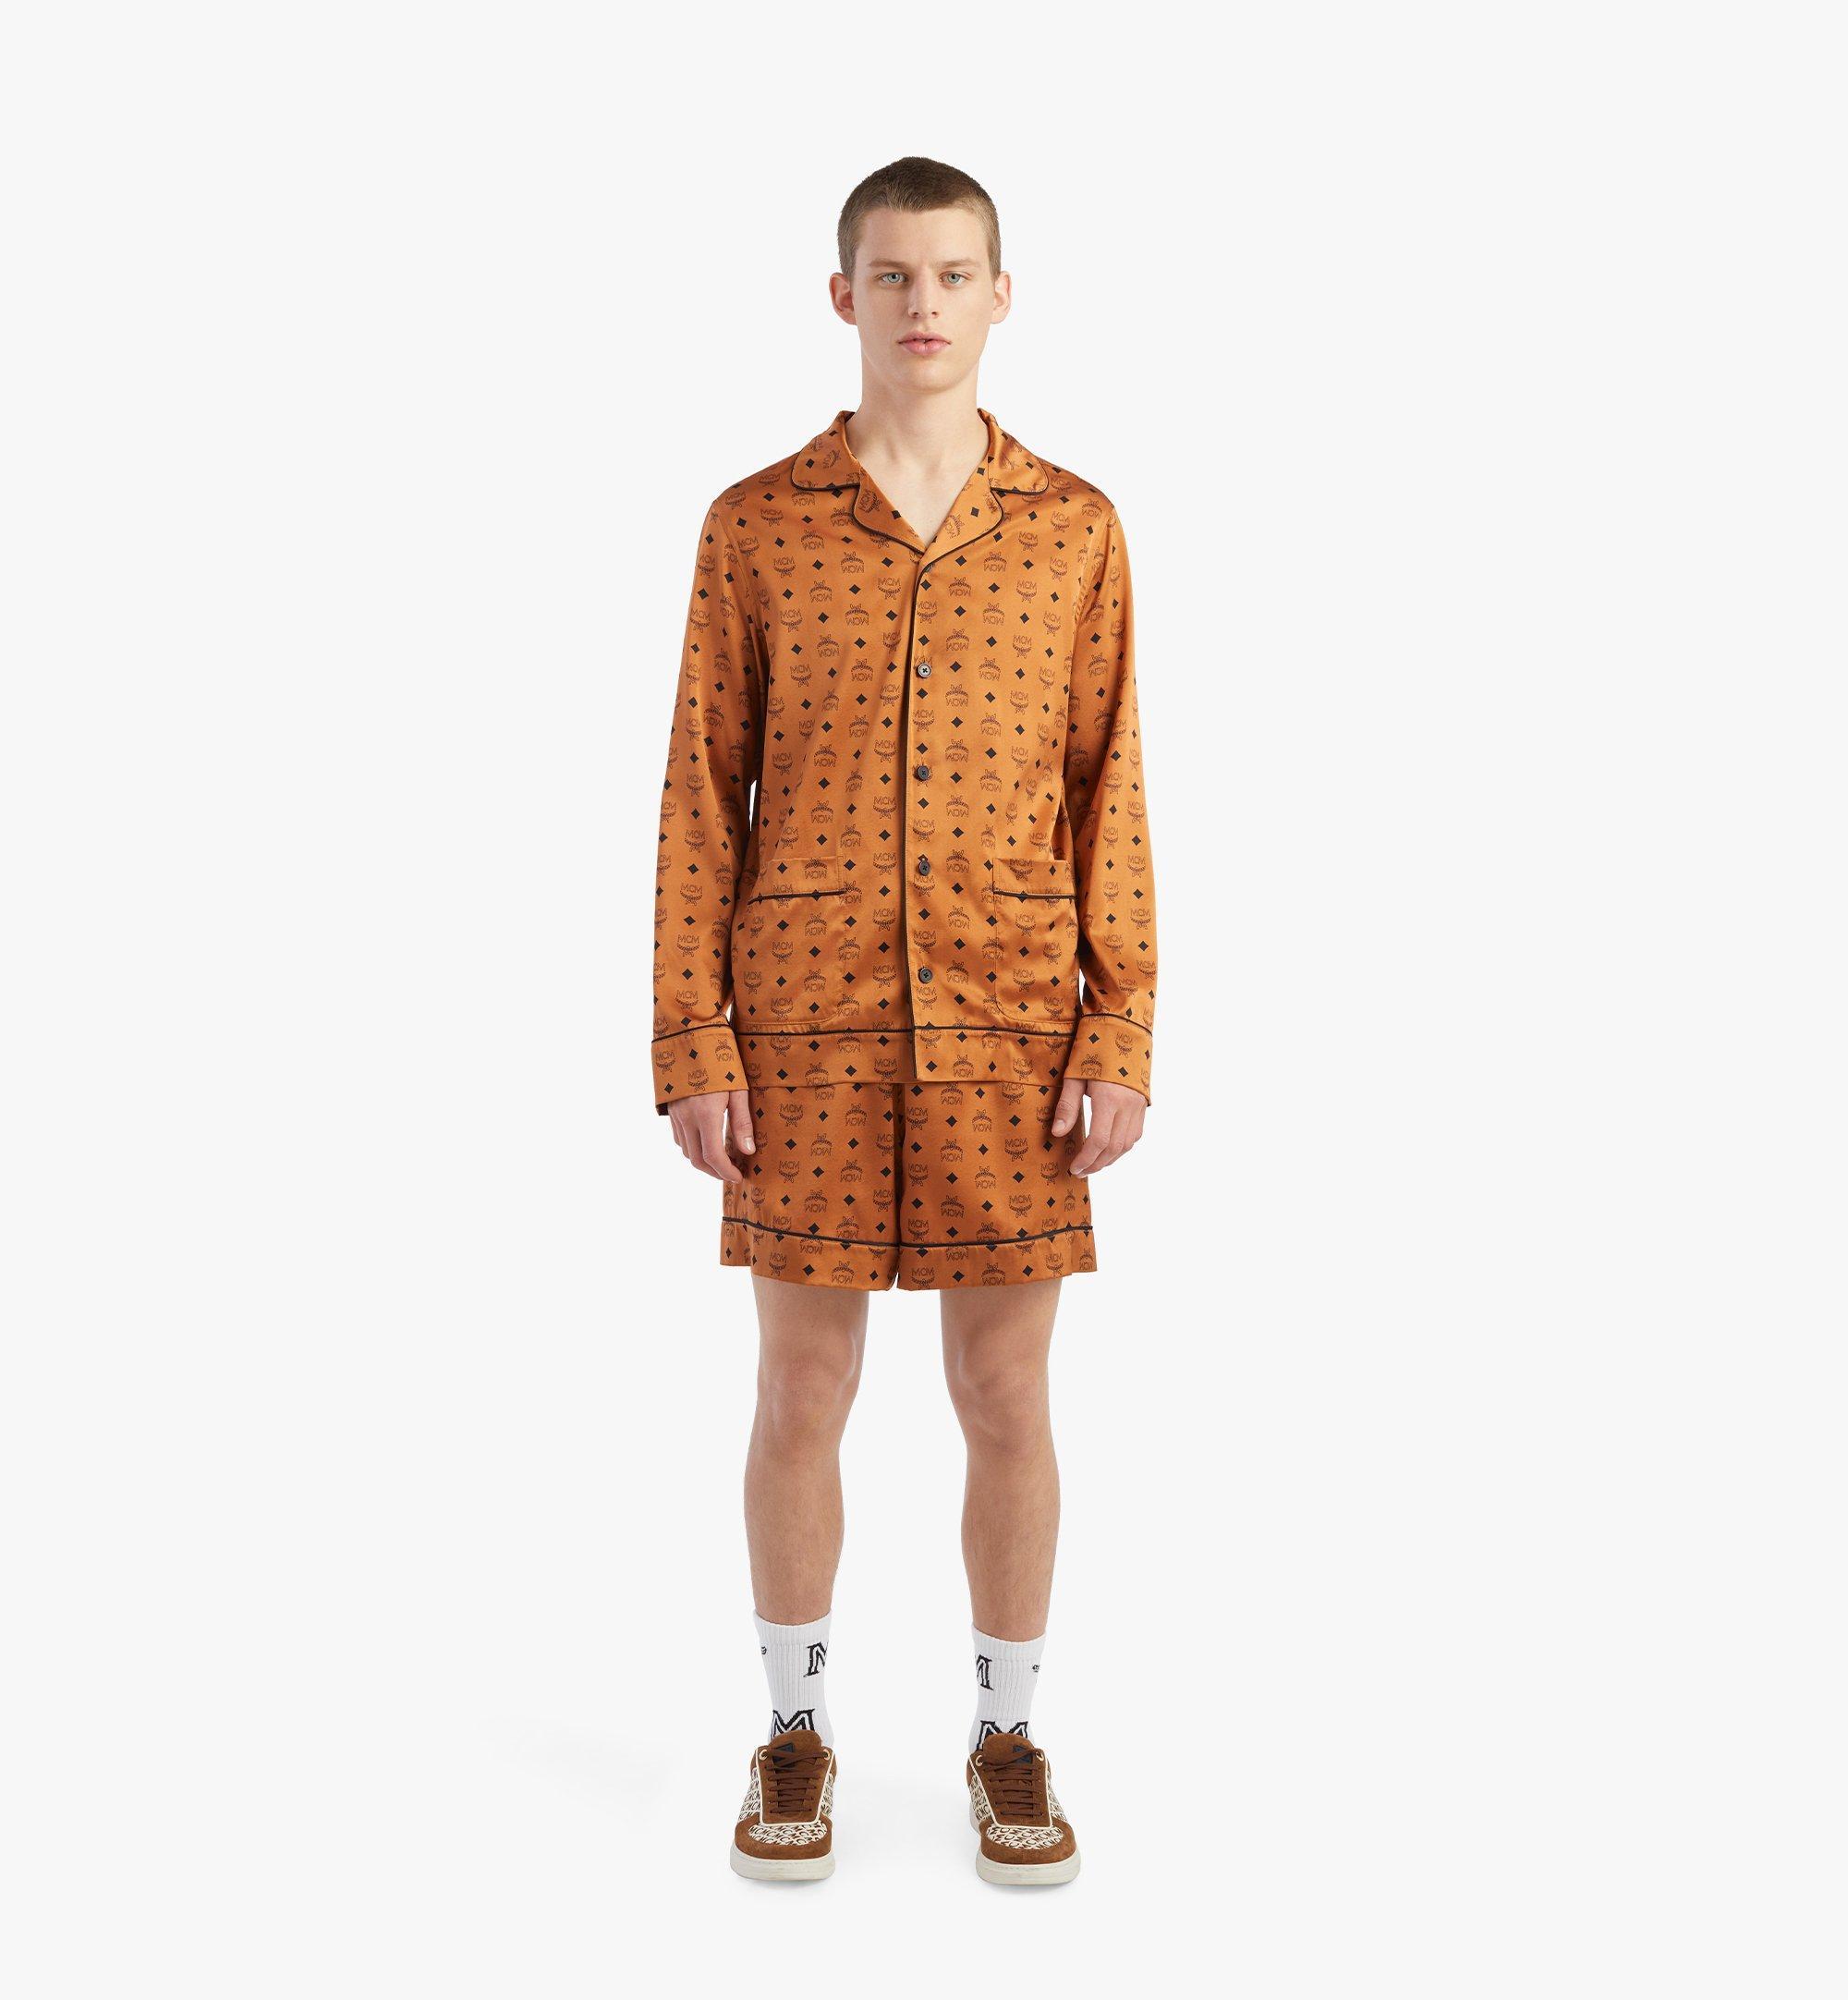 MCM Veste de pyjama classique en soie à imprimé logo Cognac MHXBSMM08CO00S Plus de photos 2